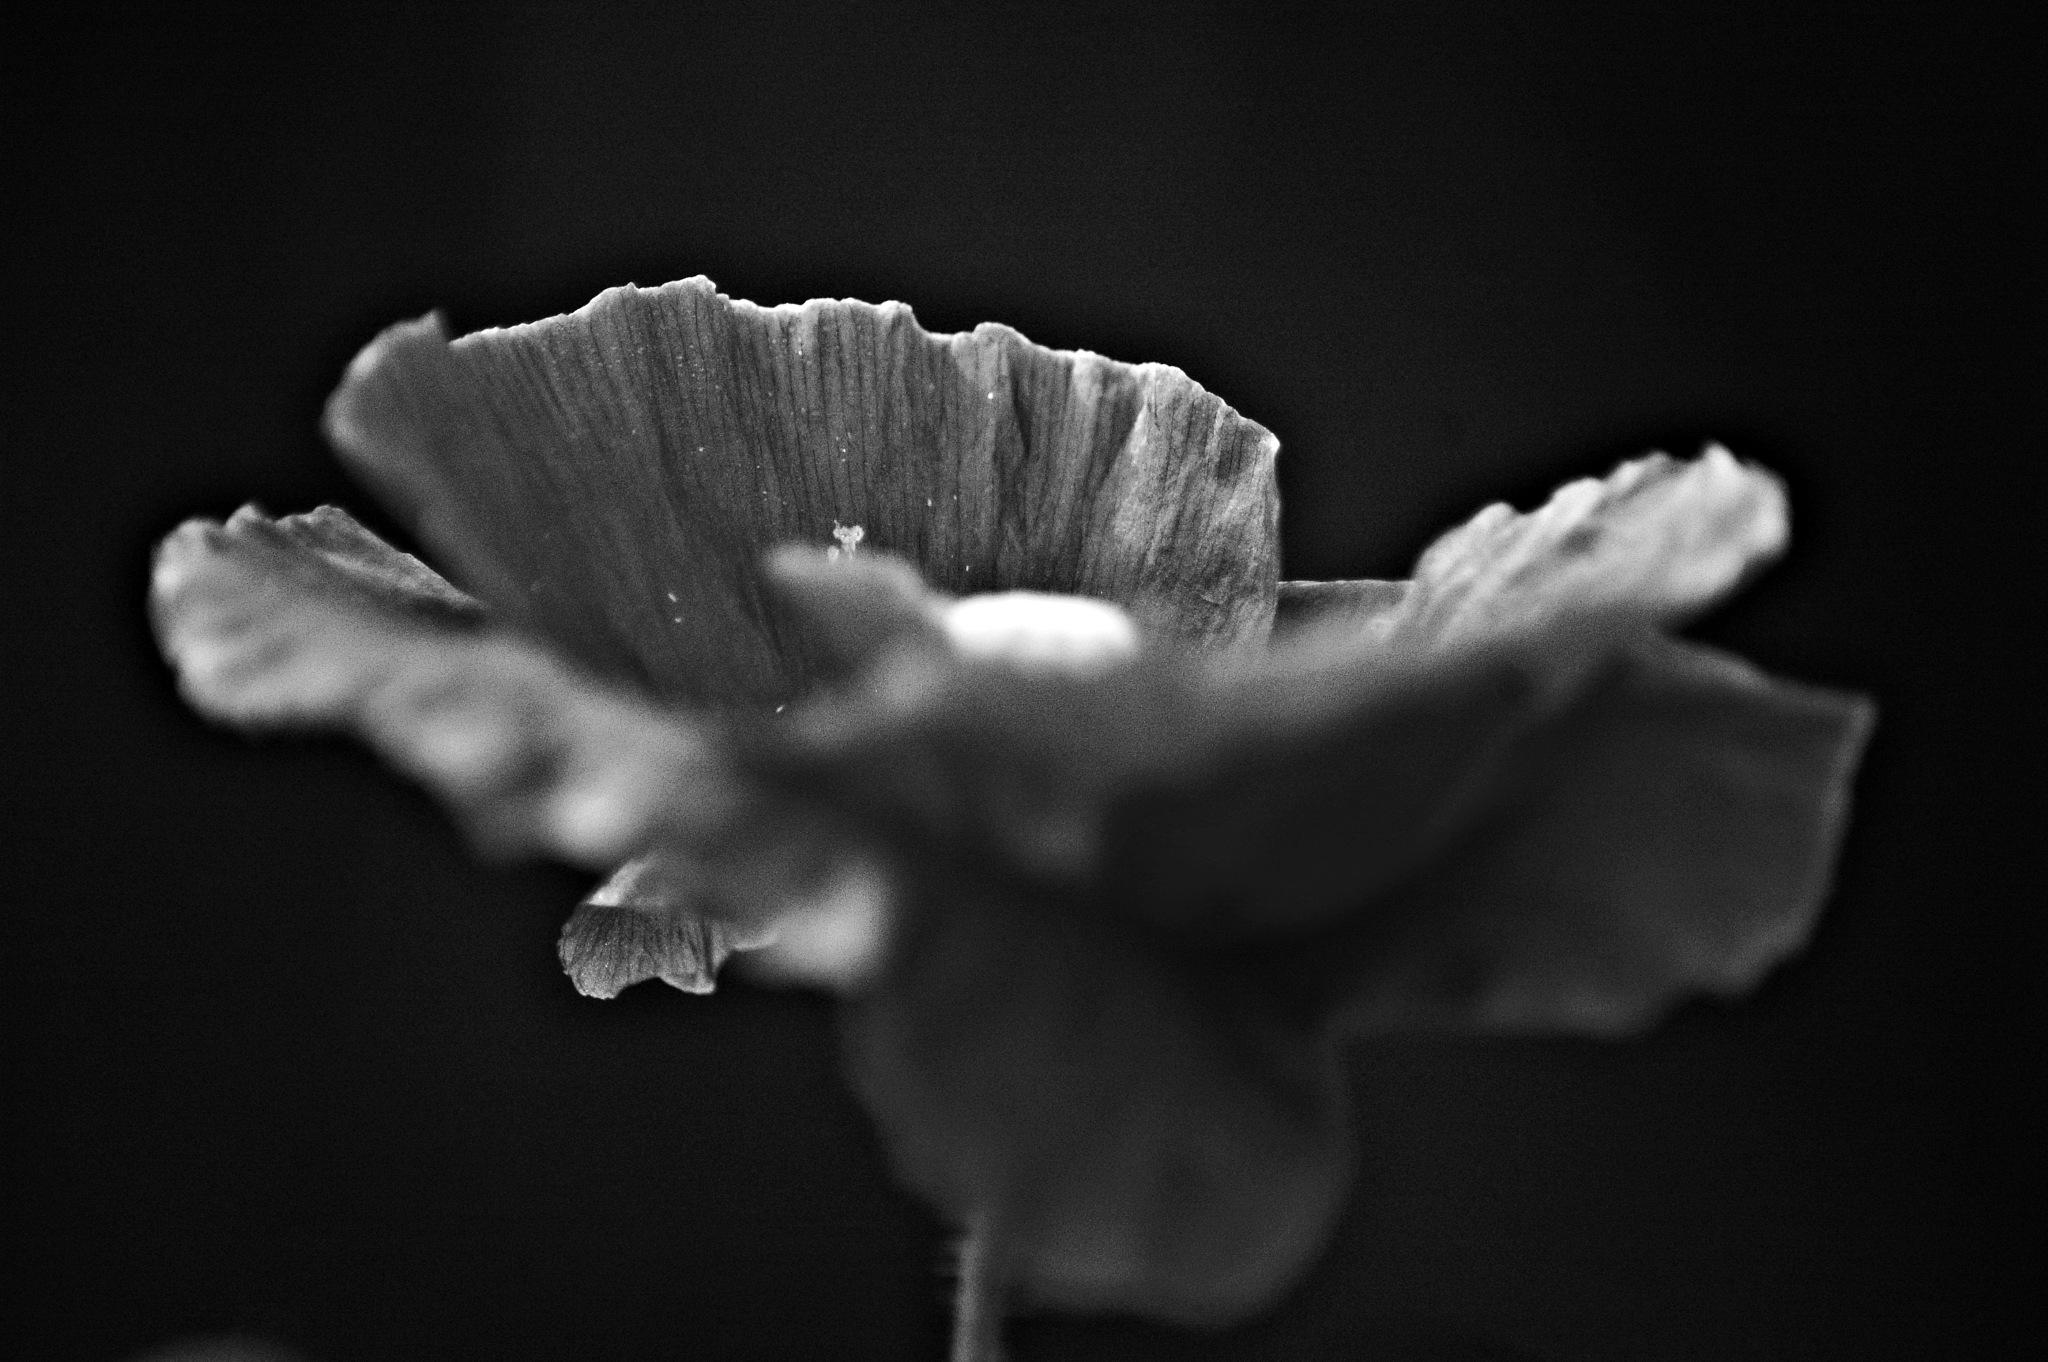 poppy by Ann-sofie Fredriksson